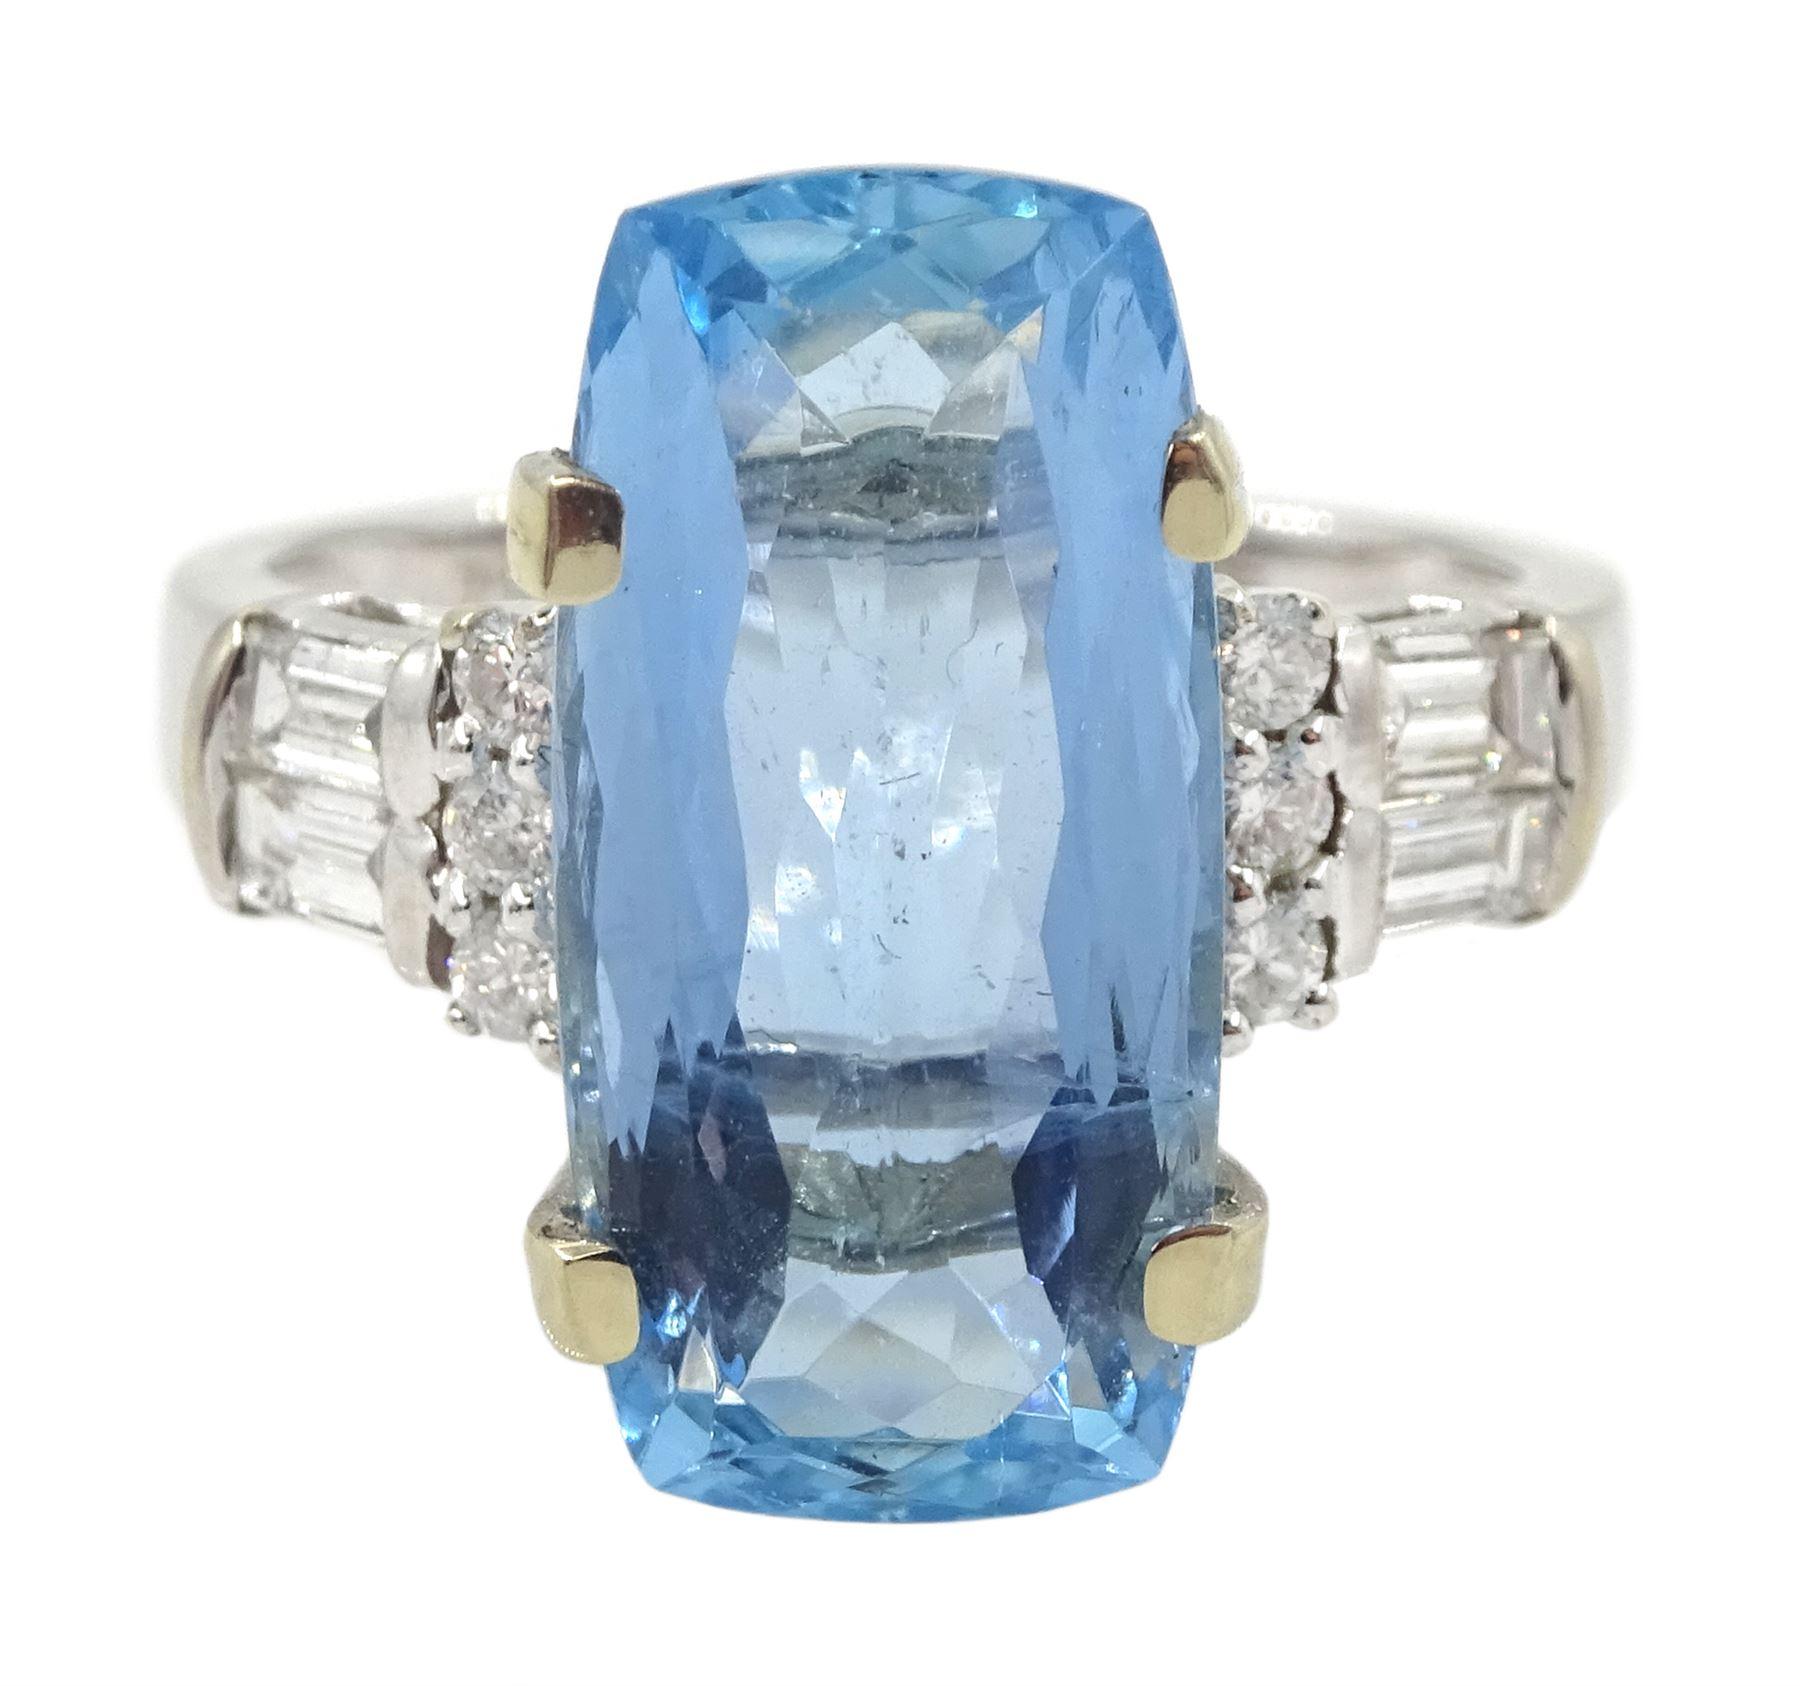 18ct white gold aquamarine ring